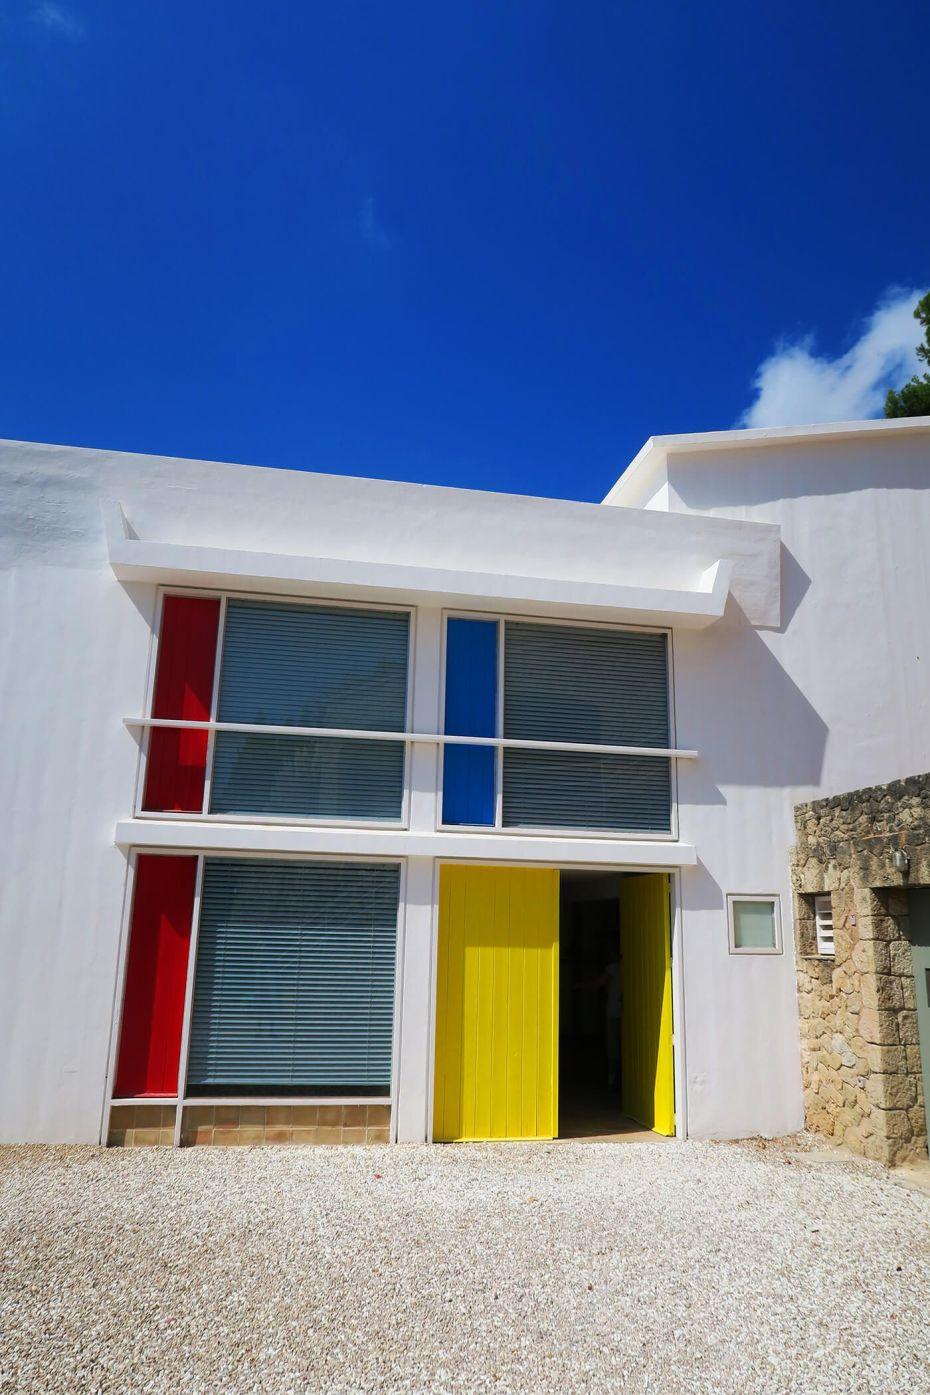 Rojo, azul y amarillo en la Fundación Pilar y Joan Miró en Palma de Mallorca, España